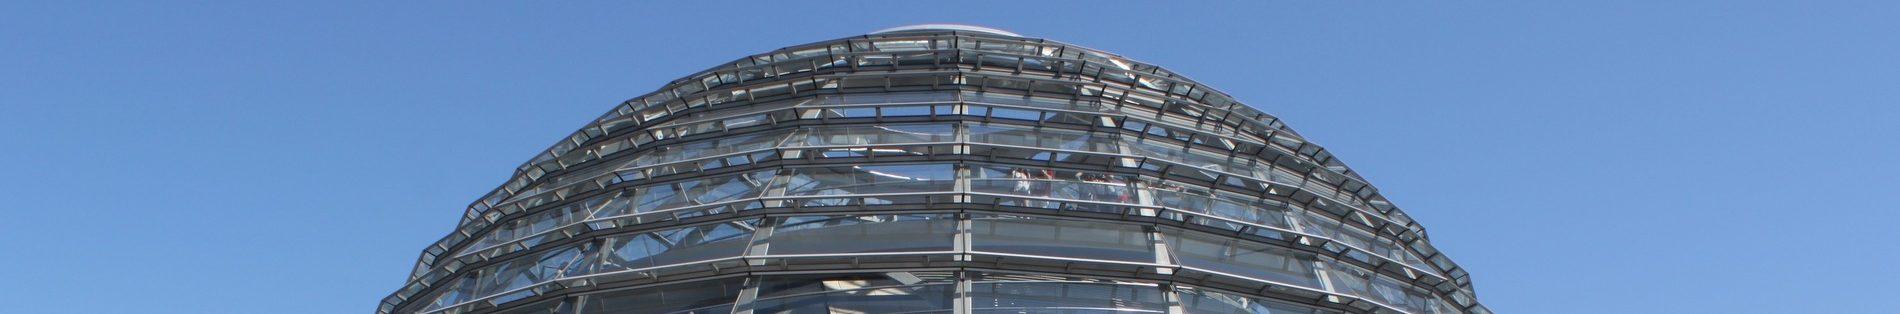 Die Reichstagskuppel